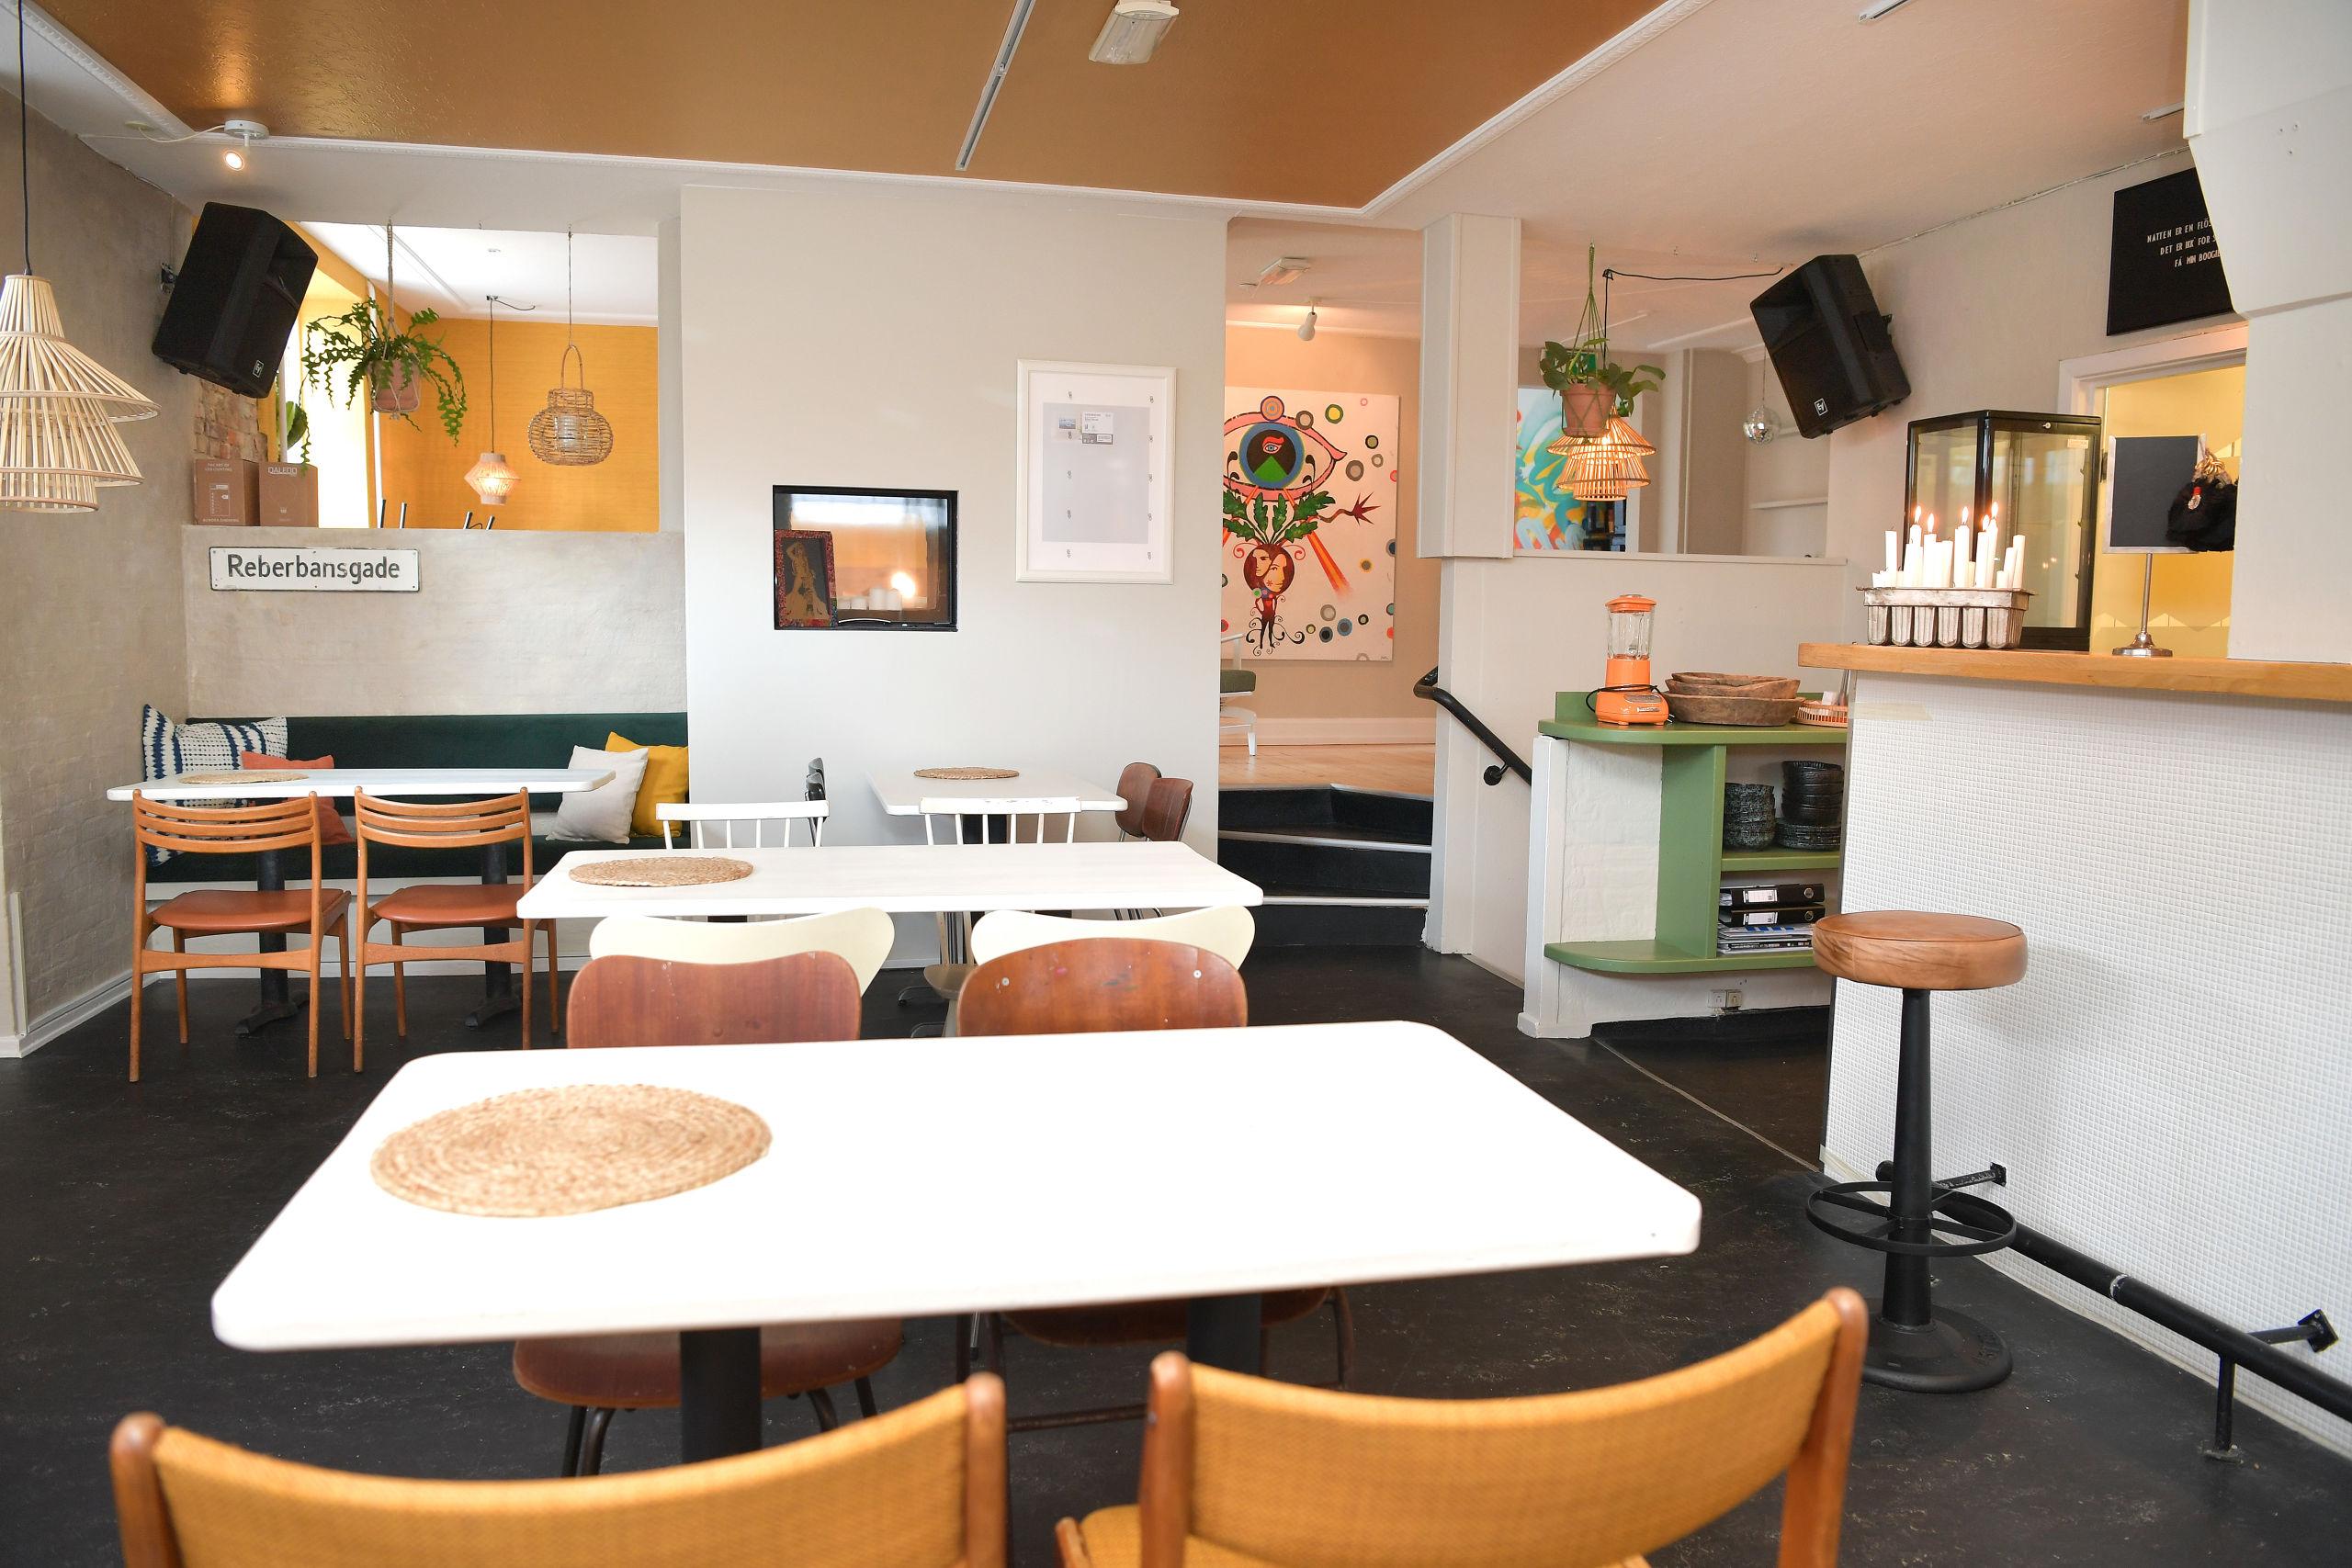 Caféen på hjørnet af Reberbansgade og Svendsgade er klar til at byde sine gæster velkommen. Foto: Claus Søndberg